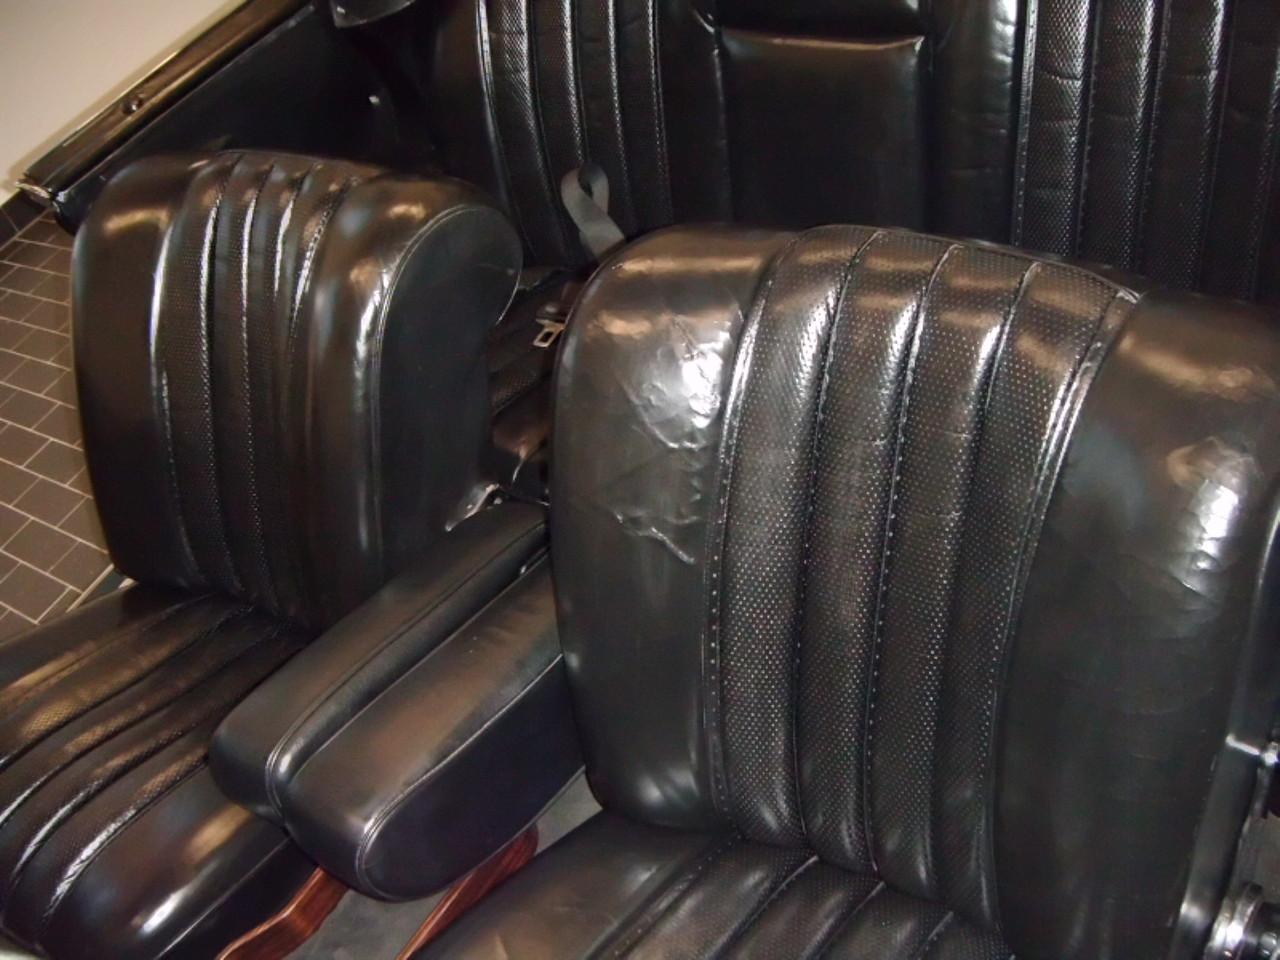 oldtimer restauration lederreparatur lederreparatur frankfurt leder aufbereitung leder pflege. Black Bedroom Furniture Sets. Home Design Ideas